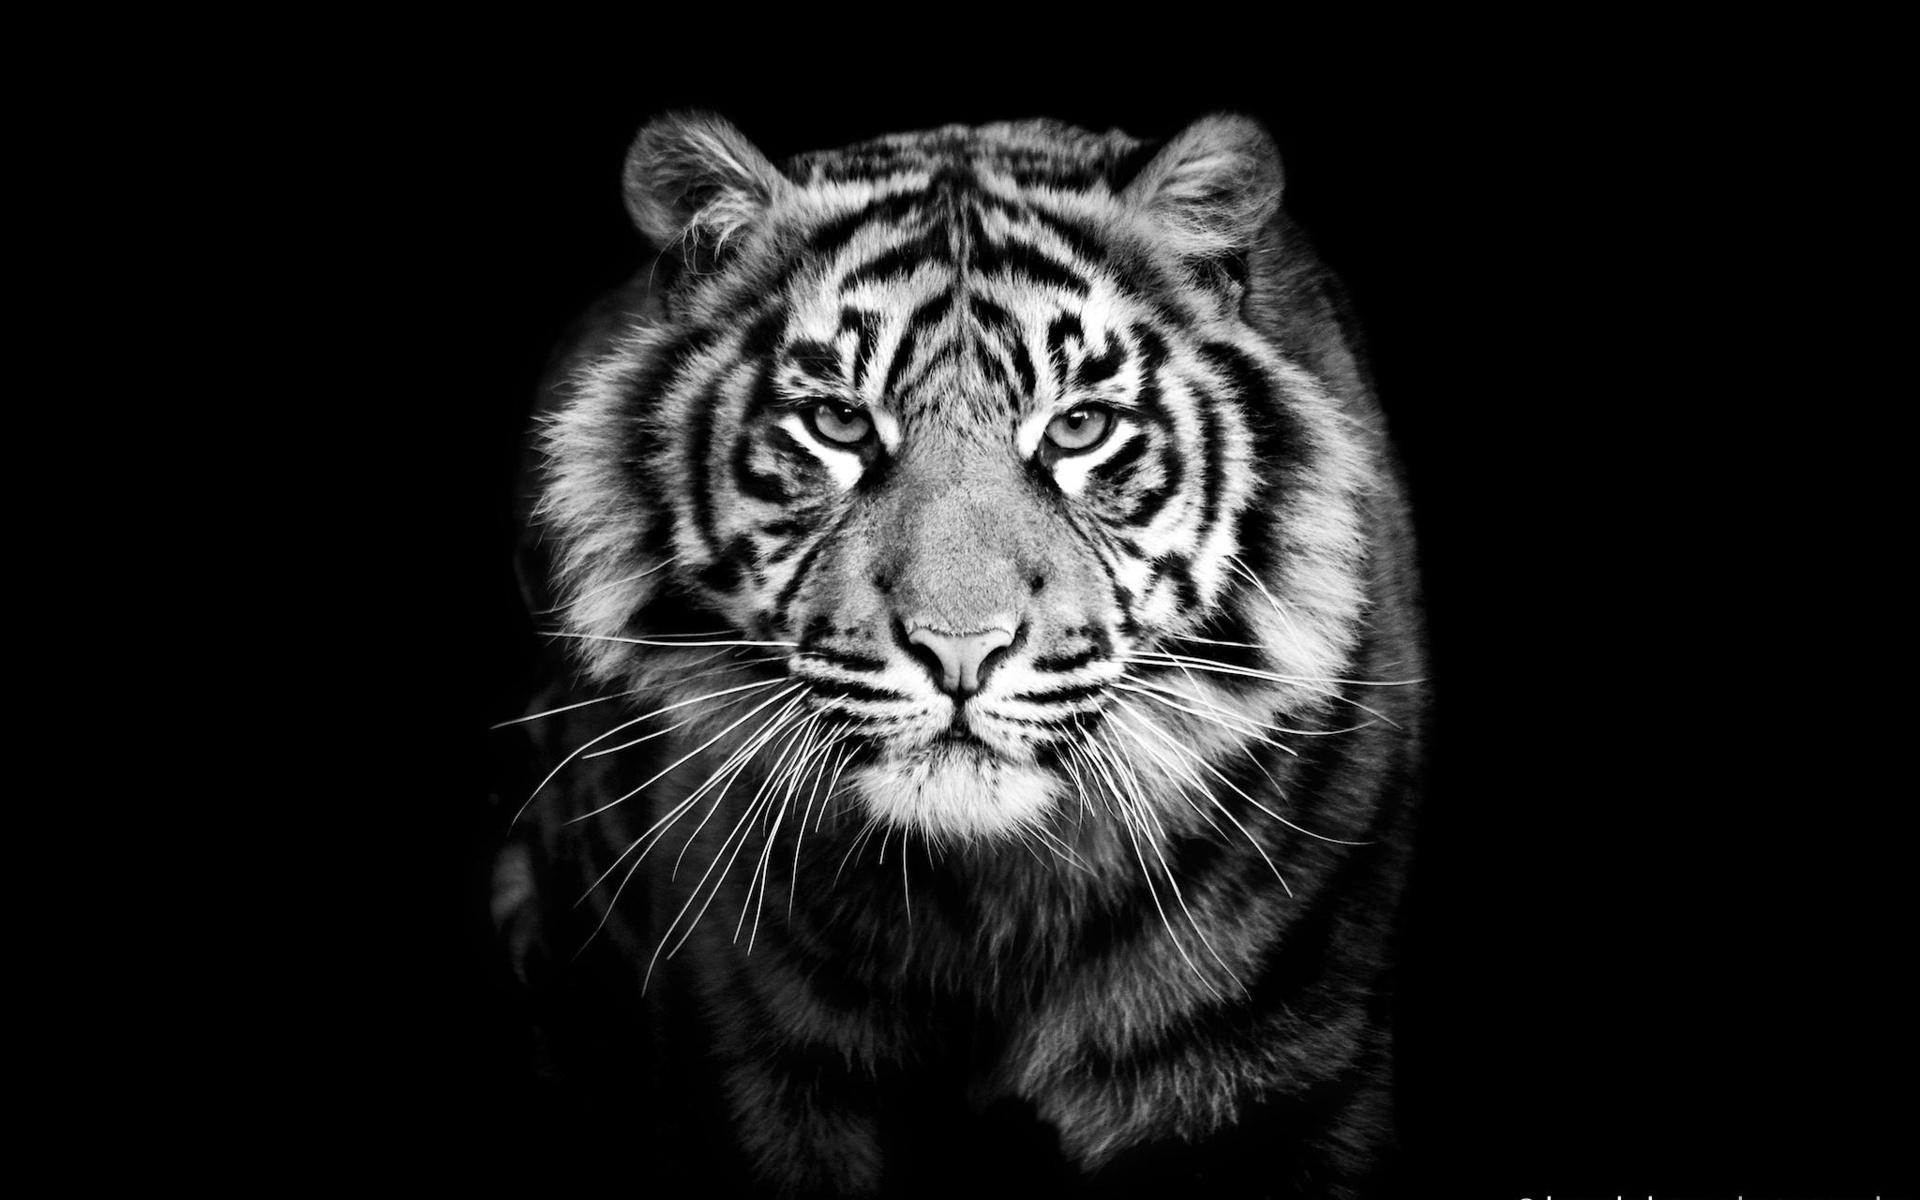 Картинки животные на темном фоне